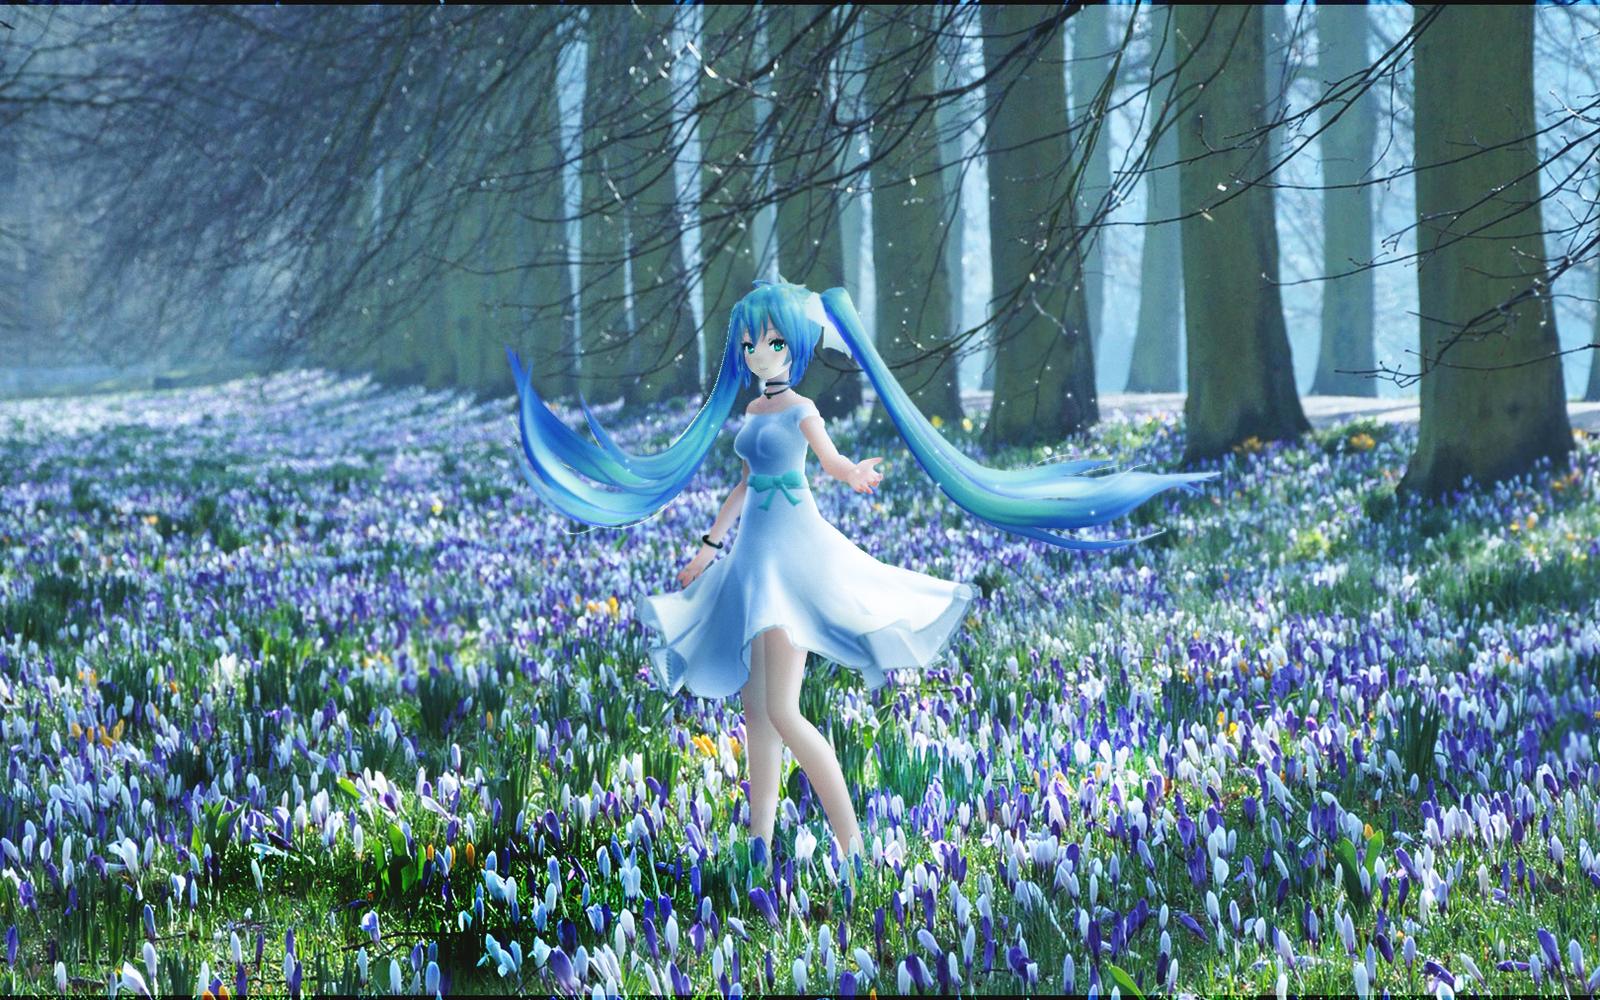 Flower field by Fan-kot